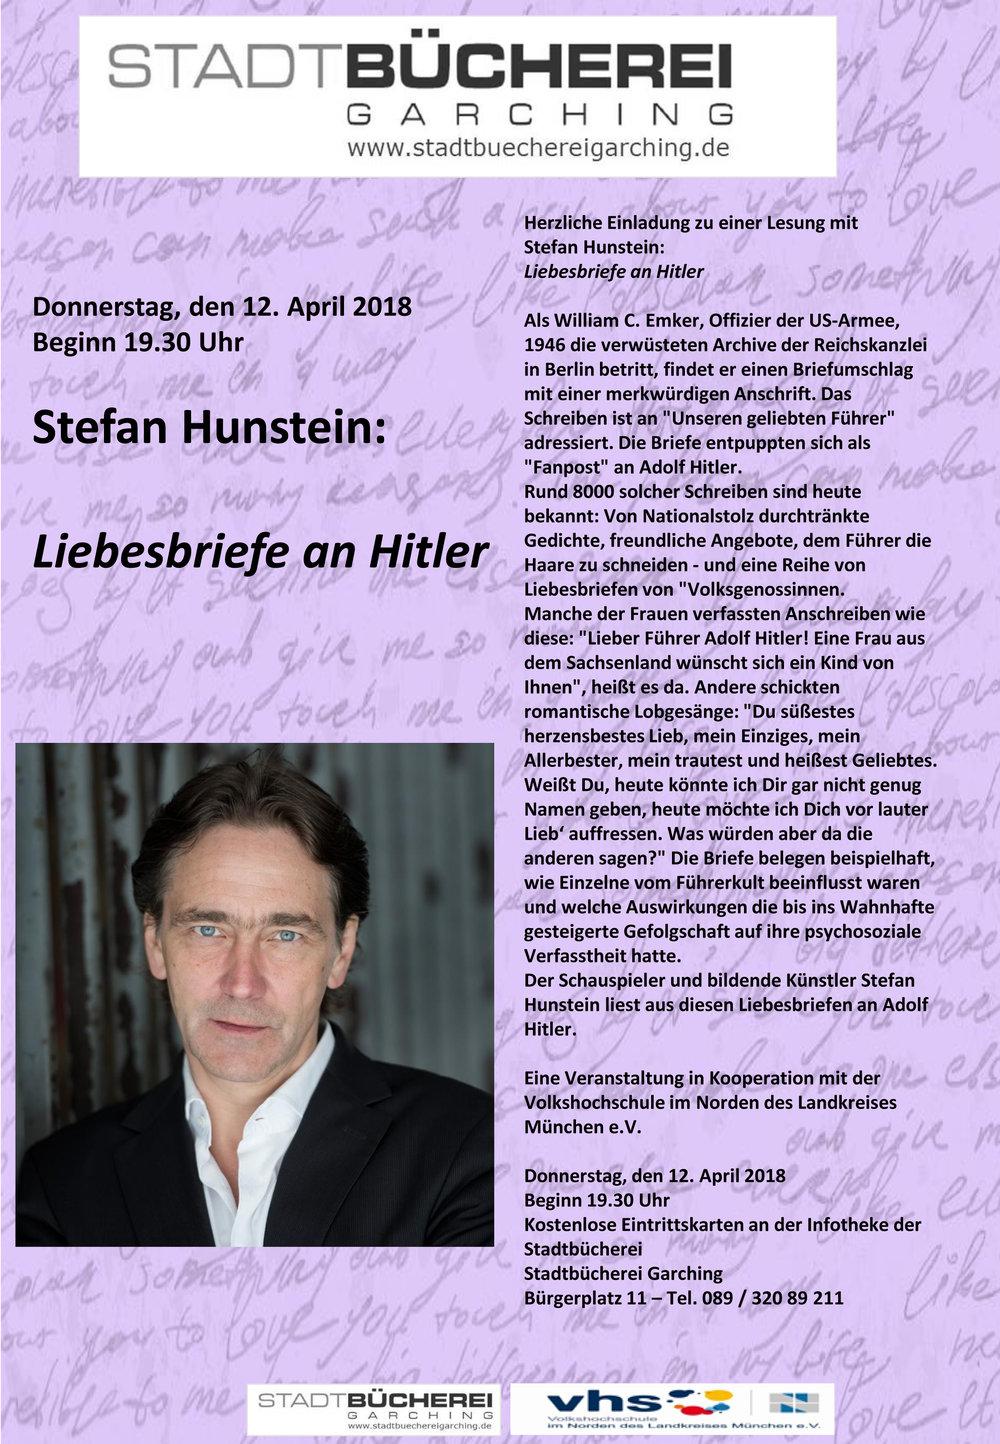 Hunstein Liebesbriefe Hitler VHS.jpg